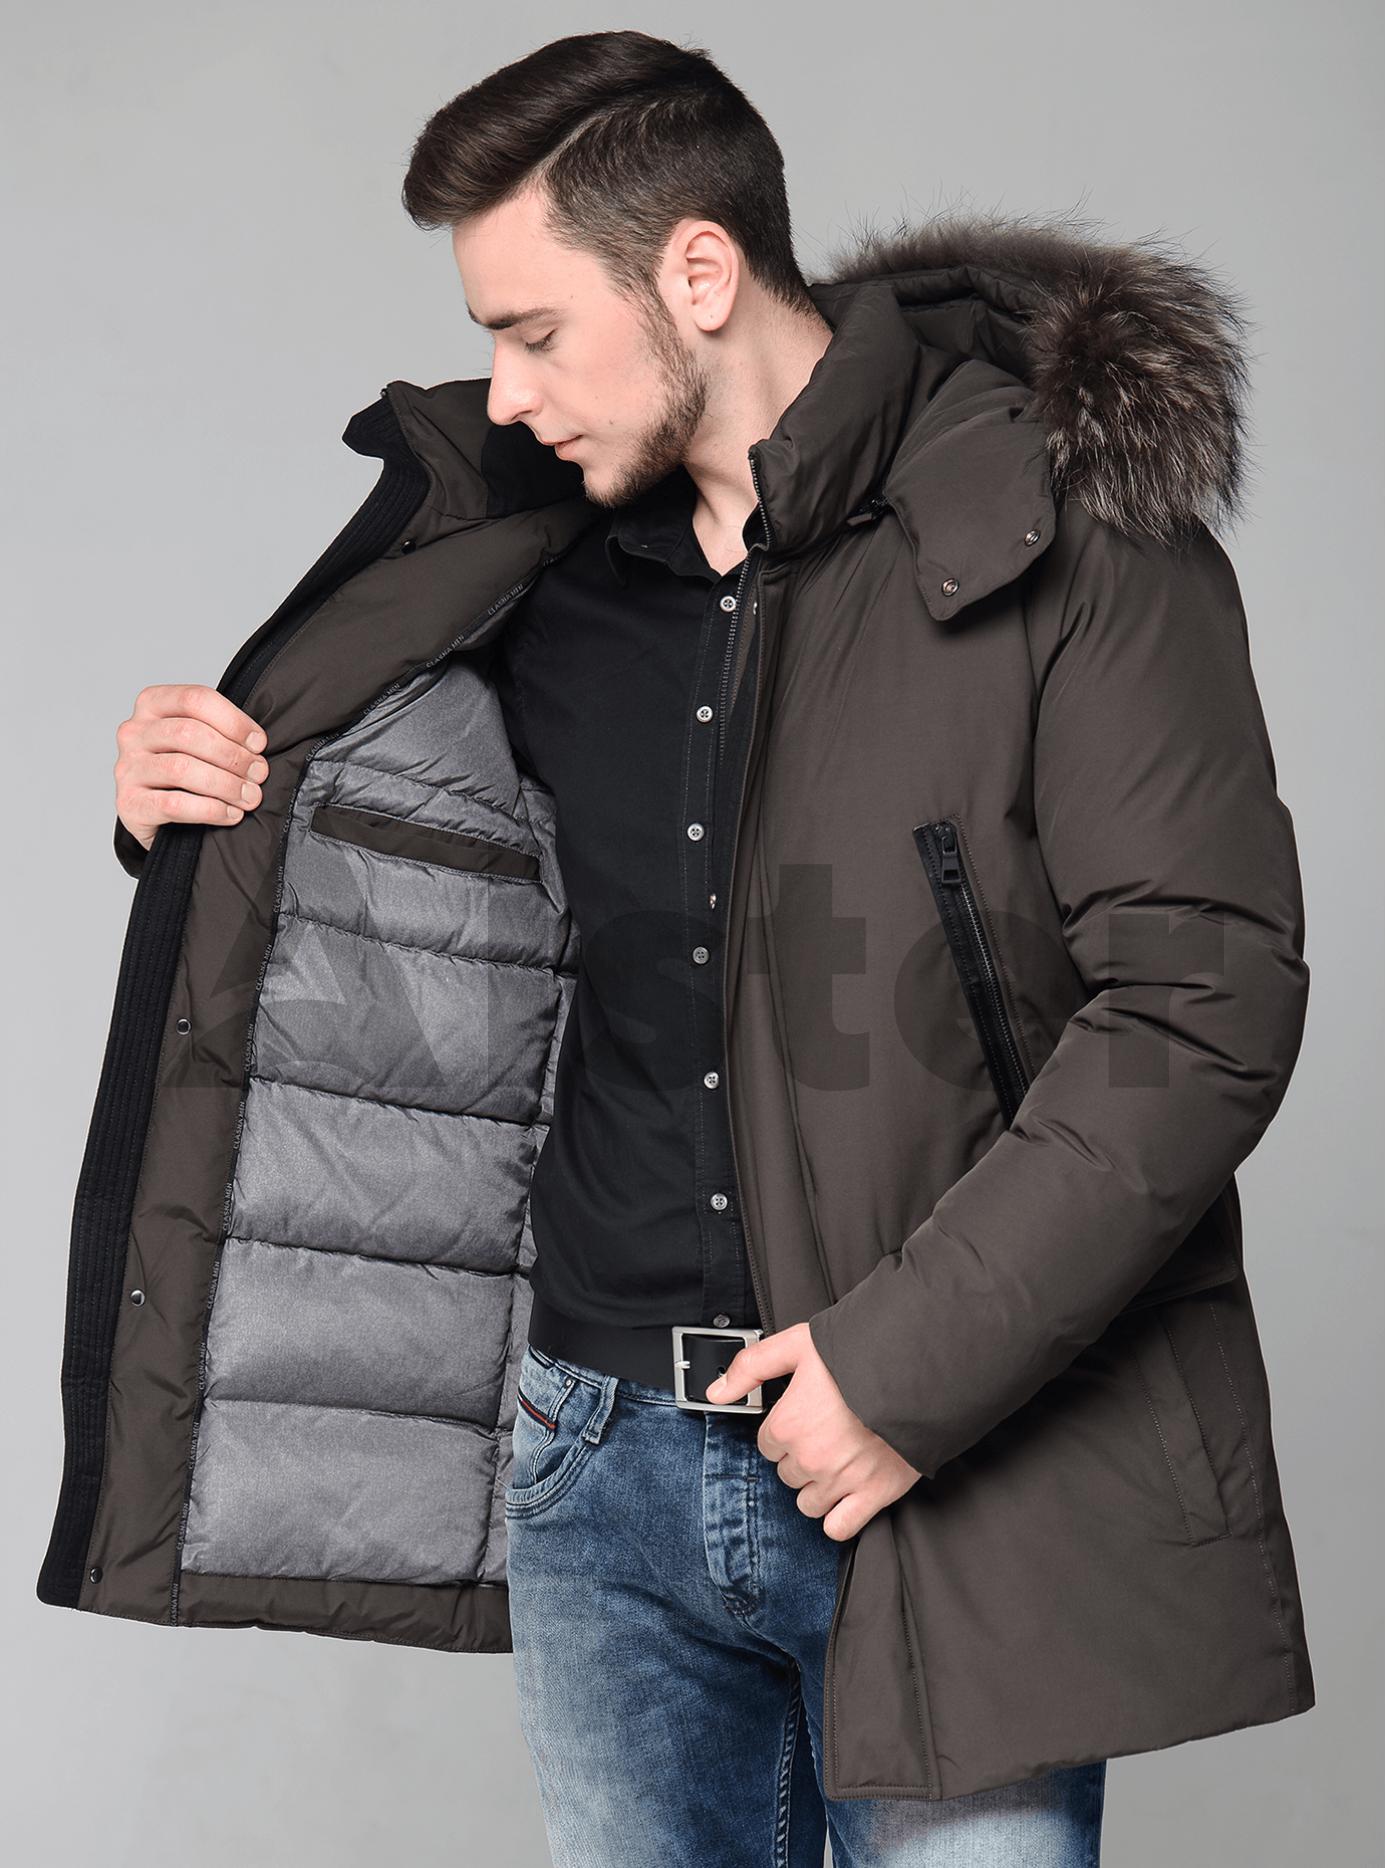 Зимняя мужская куртка Коричневый 48 (02-MC19118): фото - Alster.ua